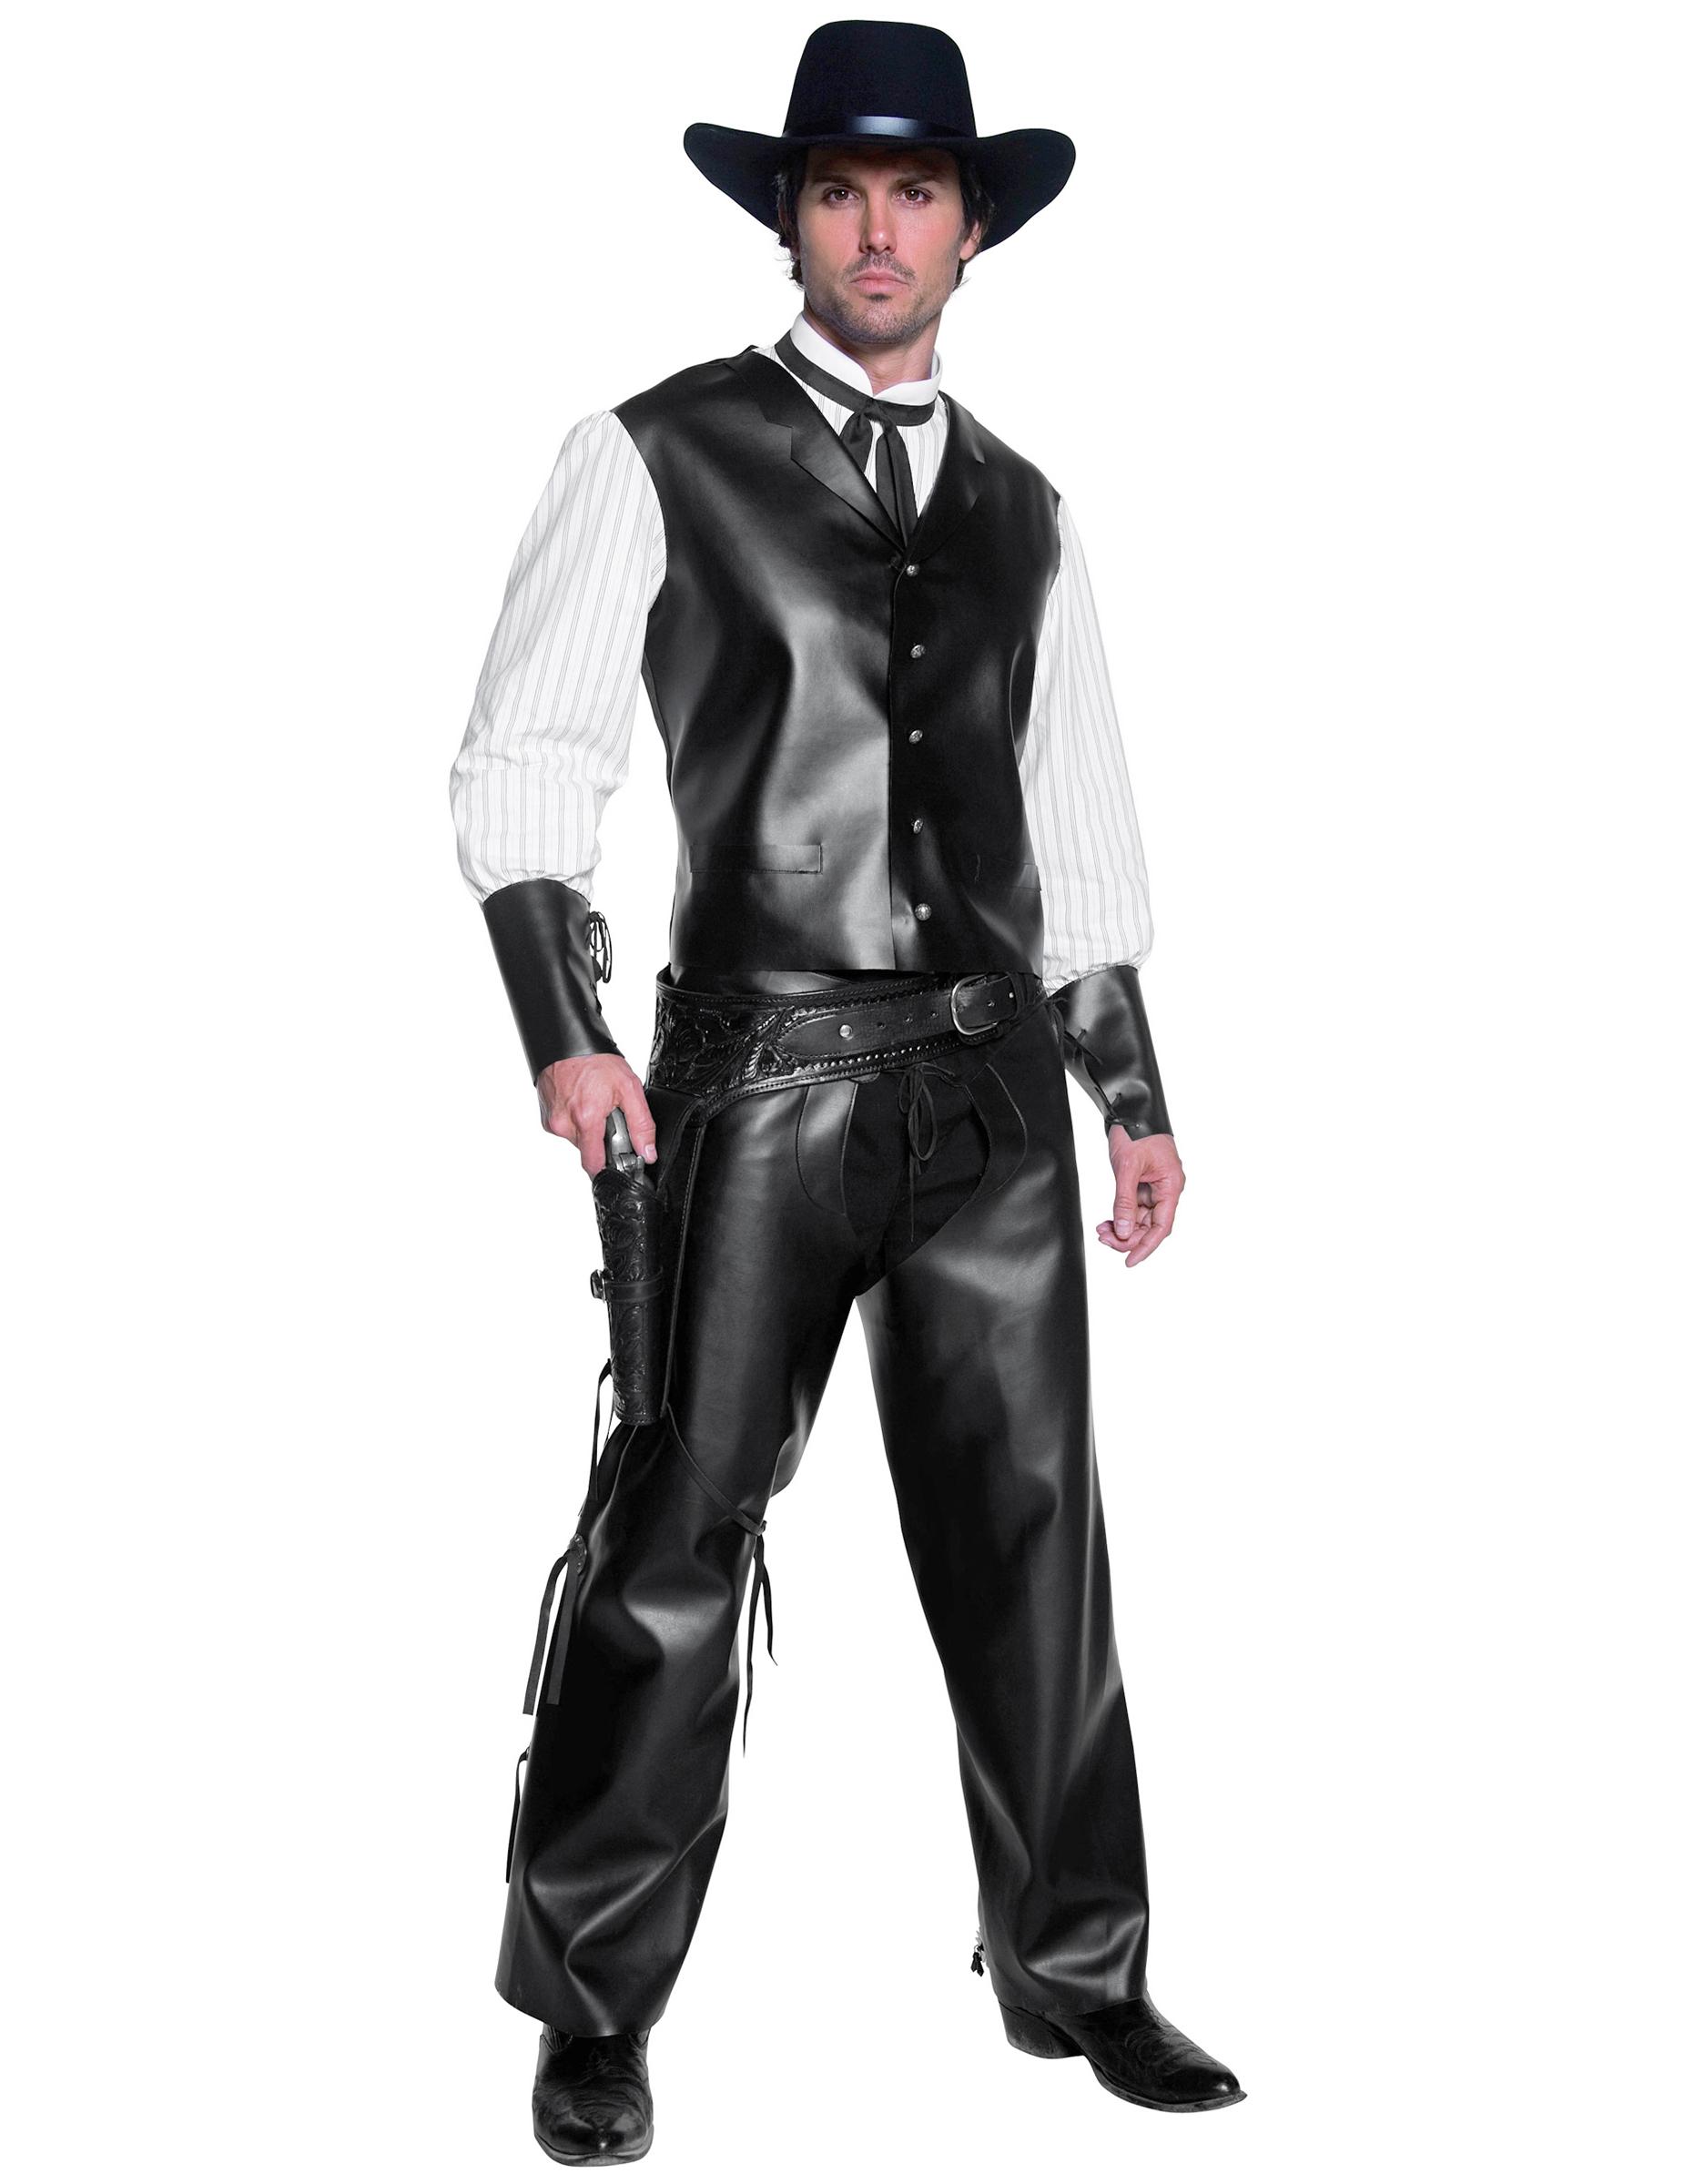 D guisement cowboy homme achat de d guisements adultes sur vegaoopro grossiste en d guisements - Deguisement western homme ...